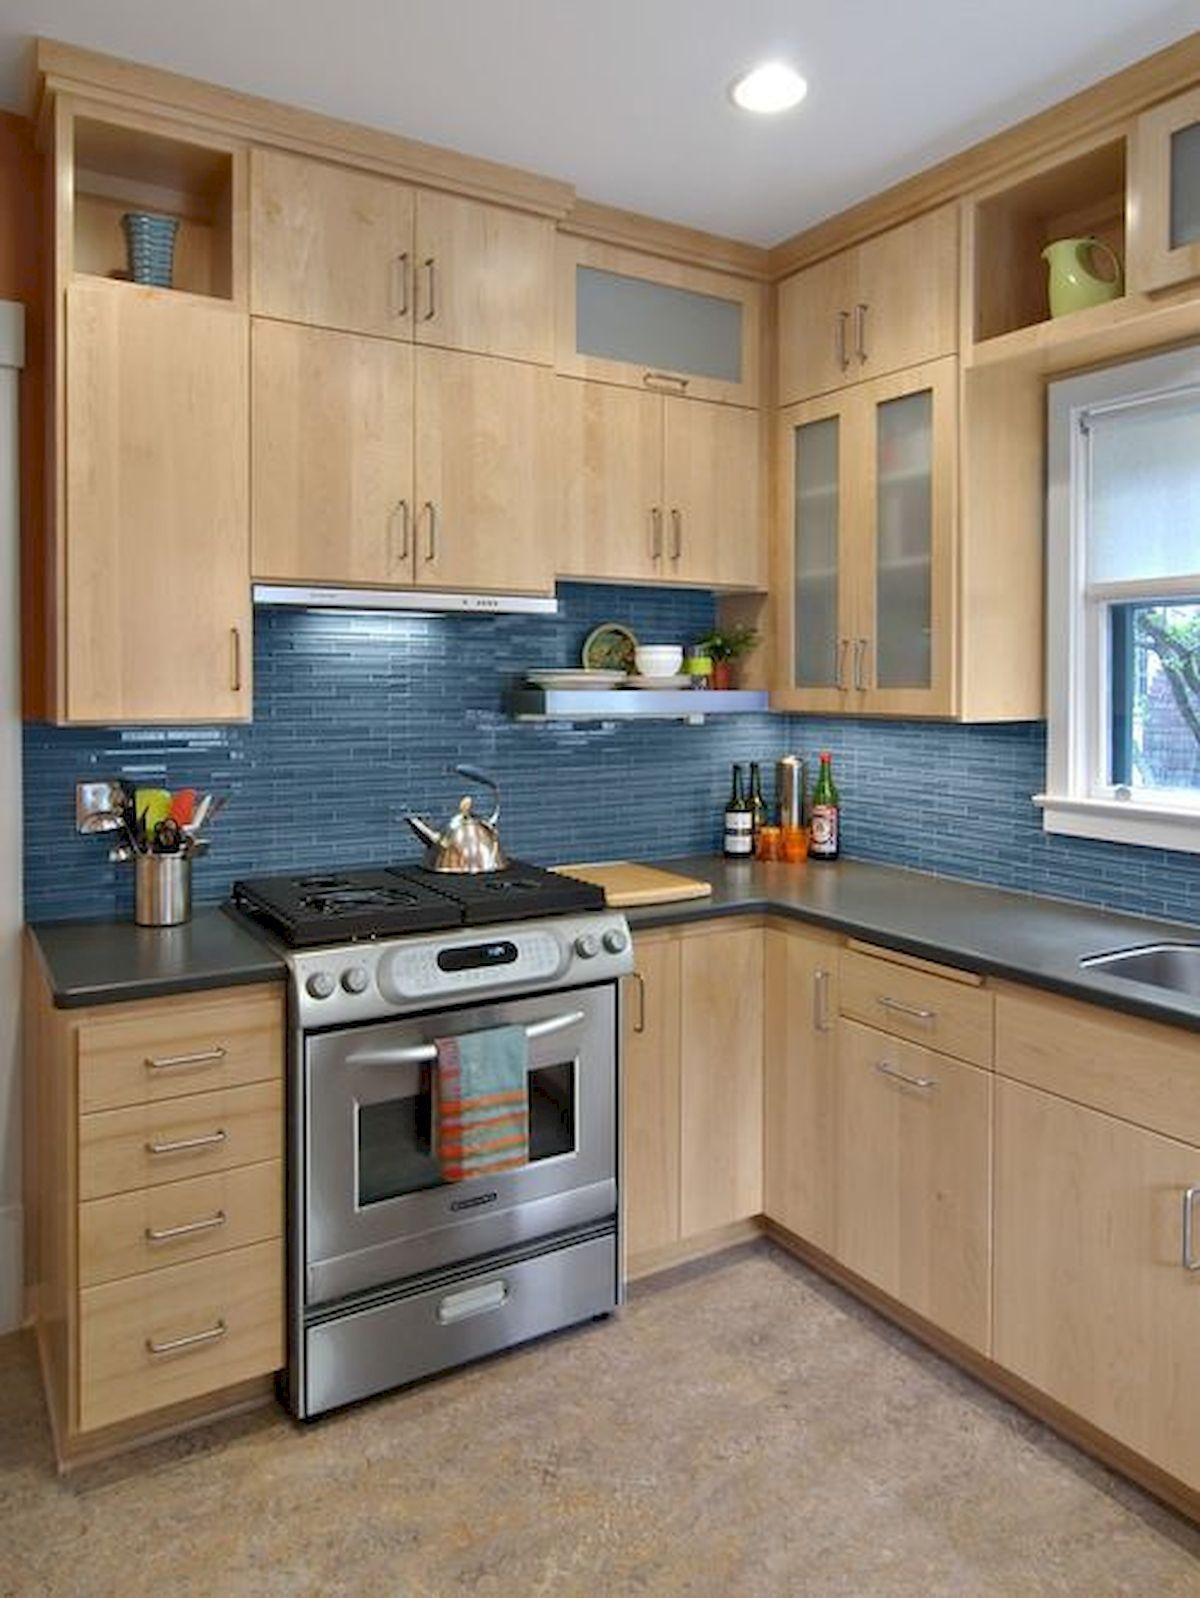 46+ Birch cabinets kitchen information